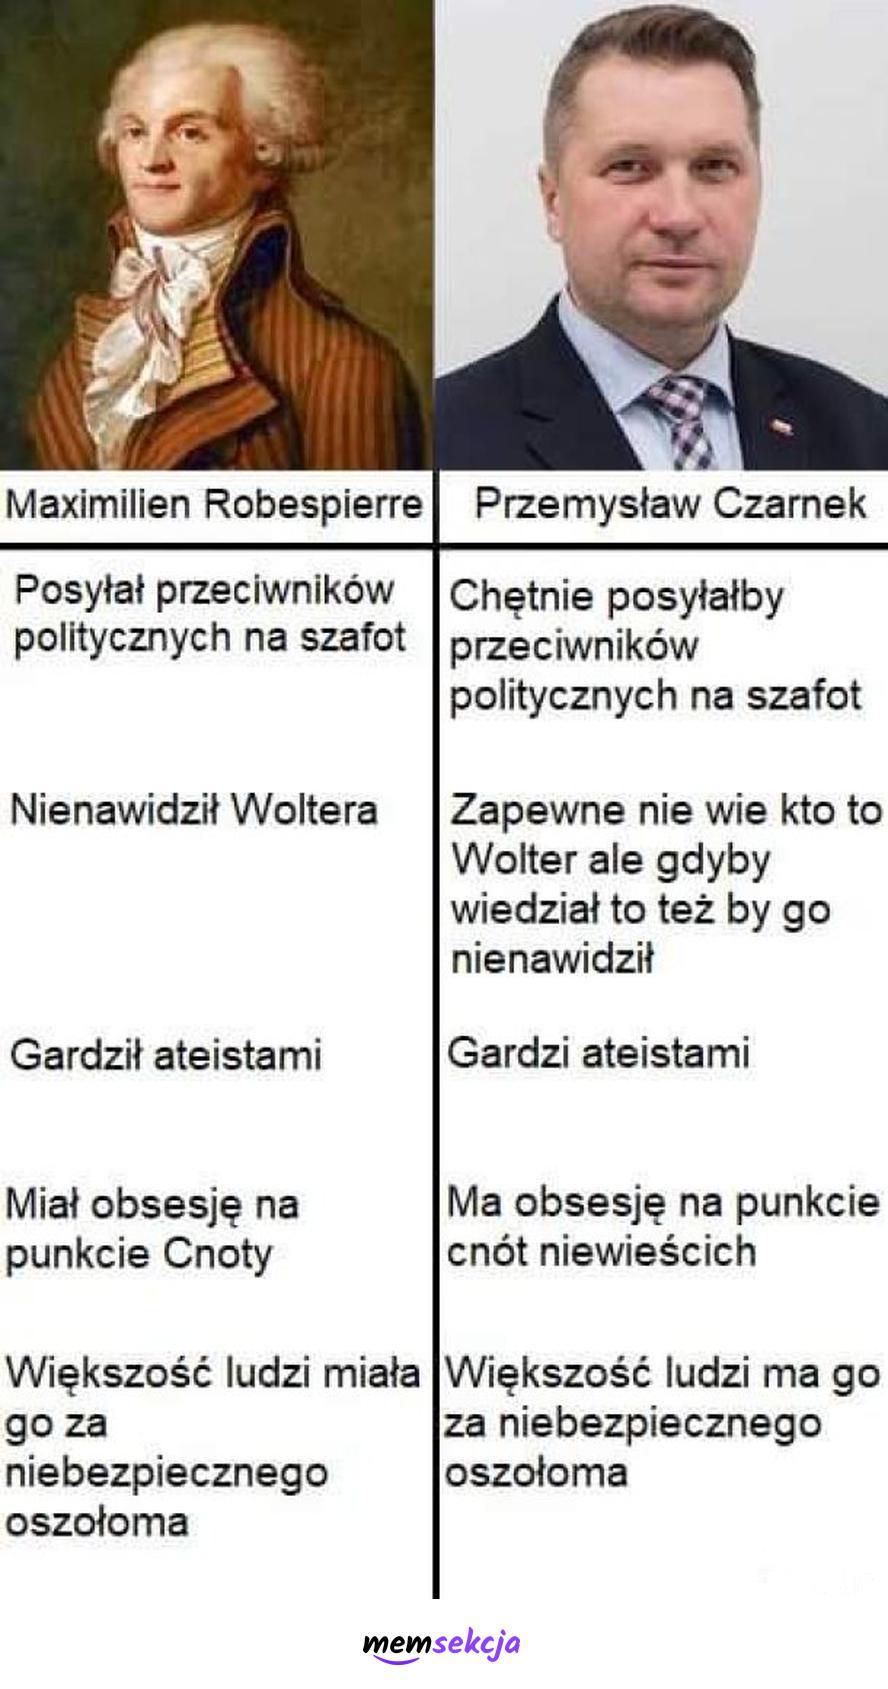 Przemysław Czarnek vs Robespierre